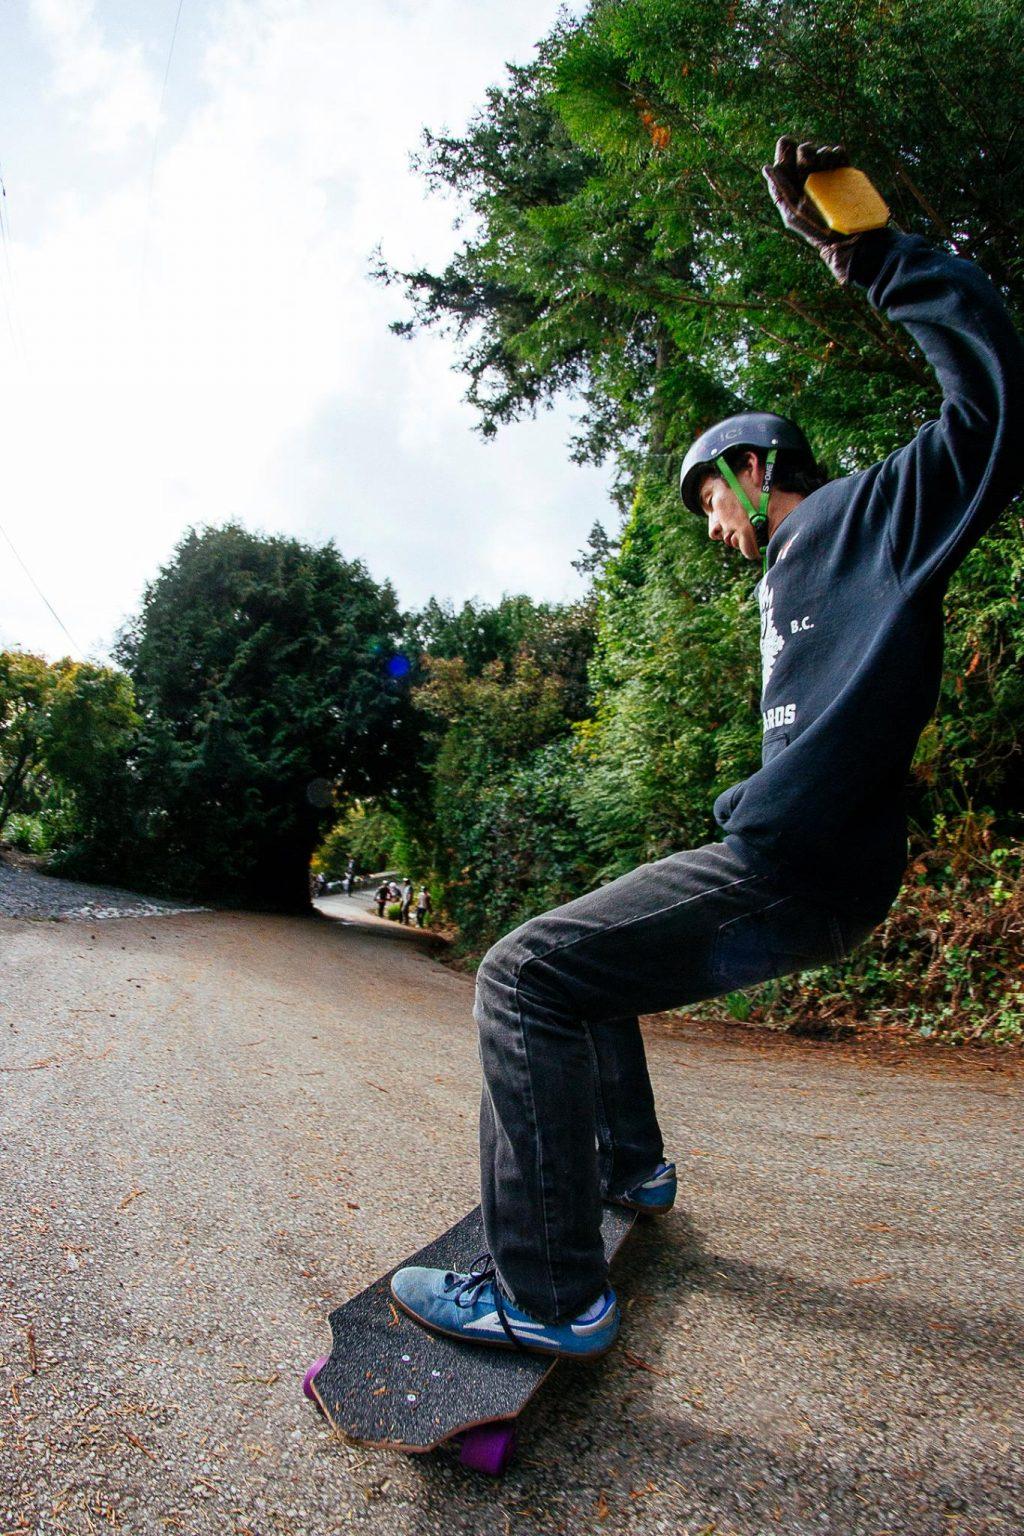 39-sam-galus-flatspot-longboards-valhalla-skateboards-higway-jam-highwayjamx-sho-ouellette-sho-stopper-longboarding